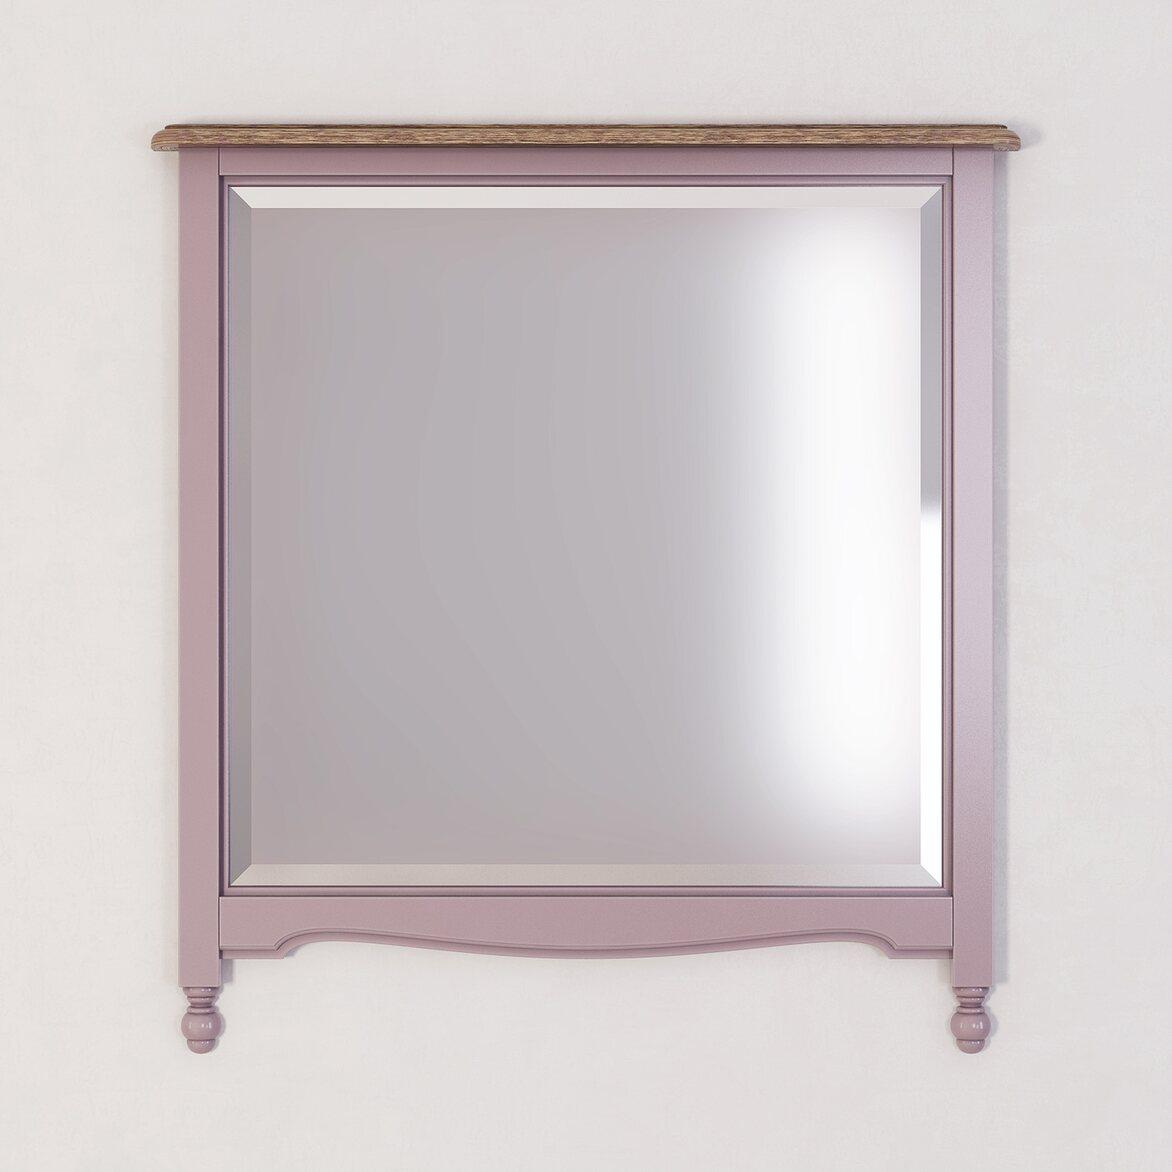 Зеркало прямоугольное Leblanc, лаванда | Настенные зеркала Kingsby